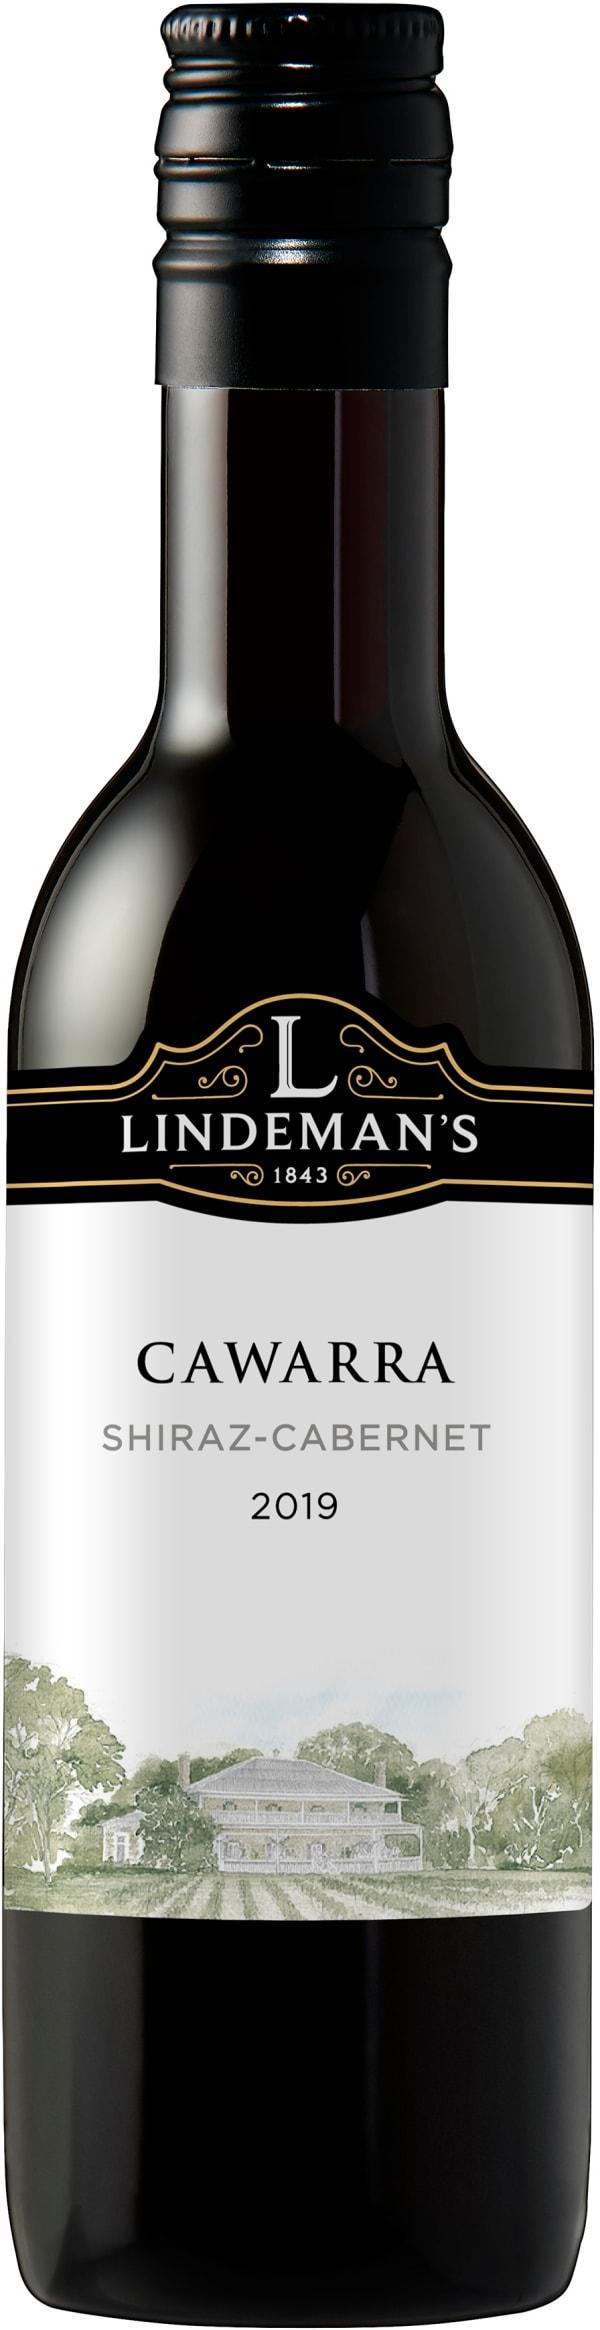 Lindeman's Cawarra Shiraz Cabernet 2018